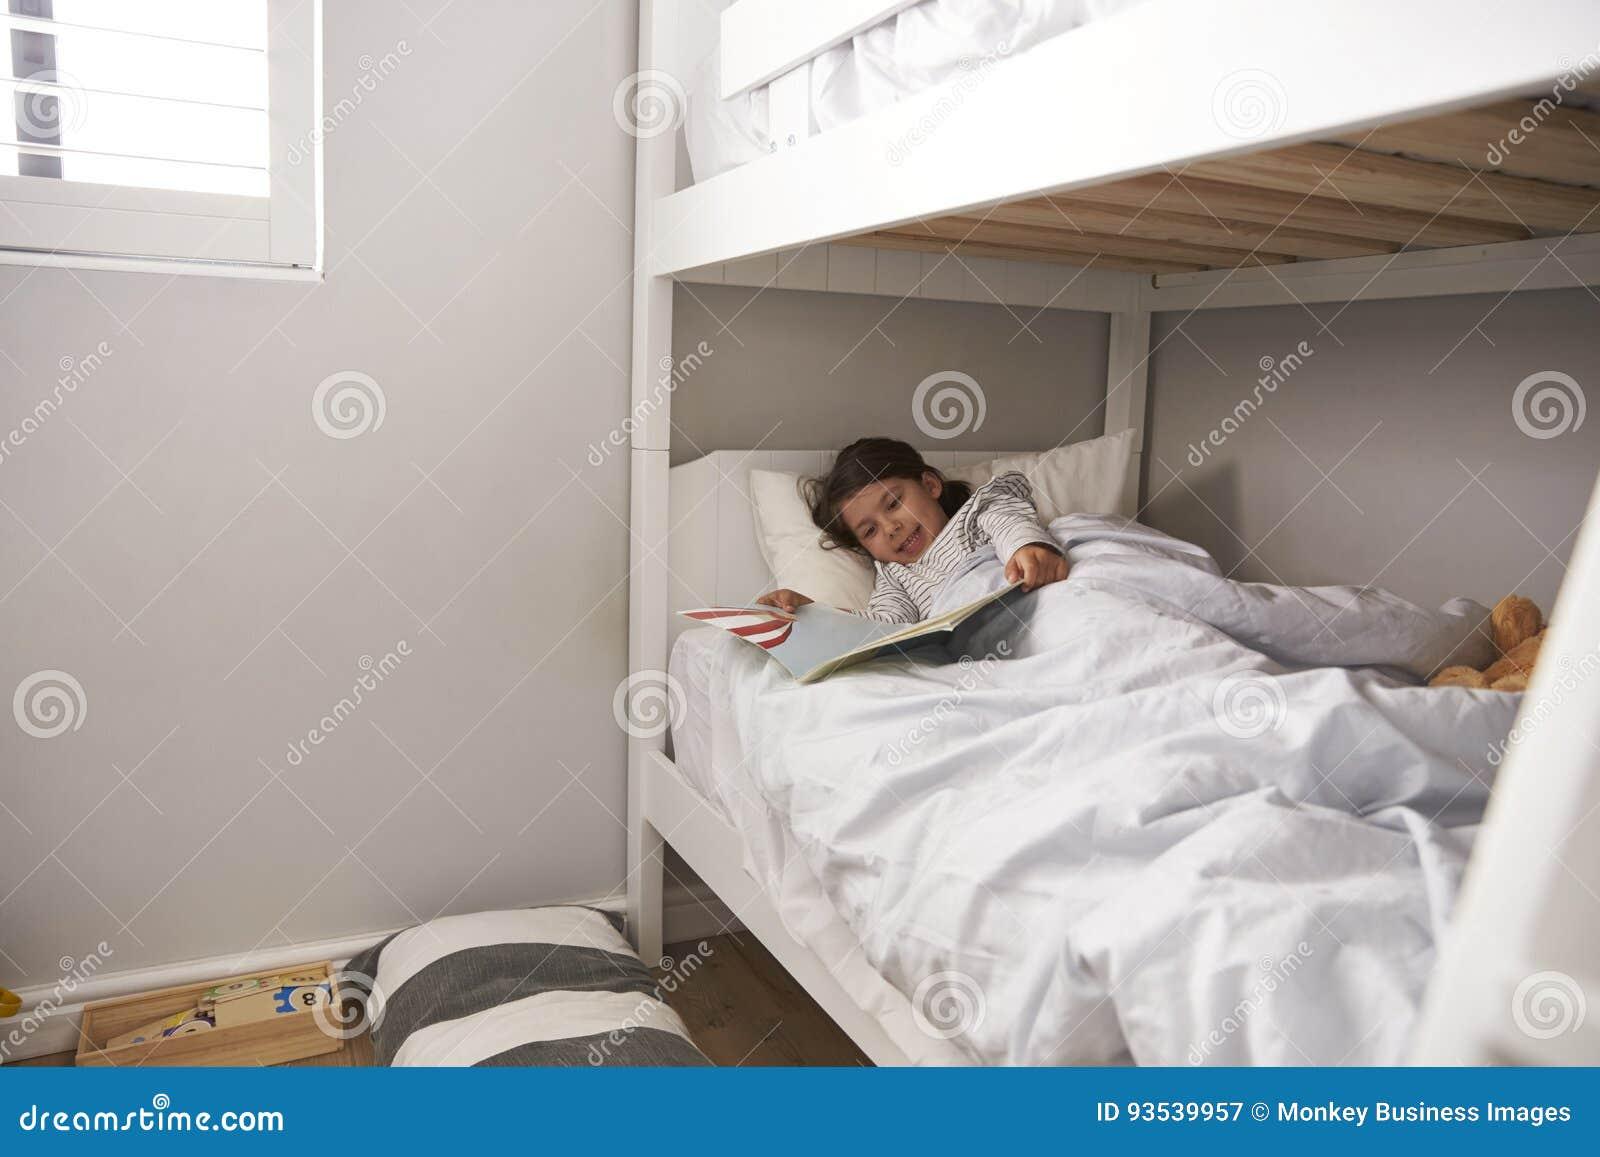 Etagenbett Mädchen : Mädchen lesegeschichte im etagenbett zur schlafenszeit stockbild